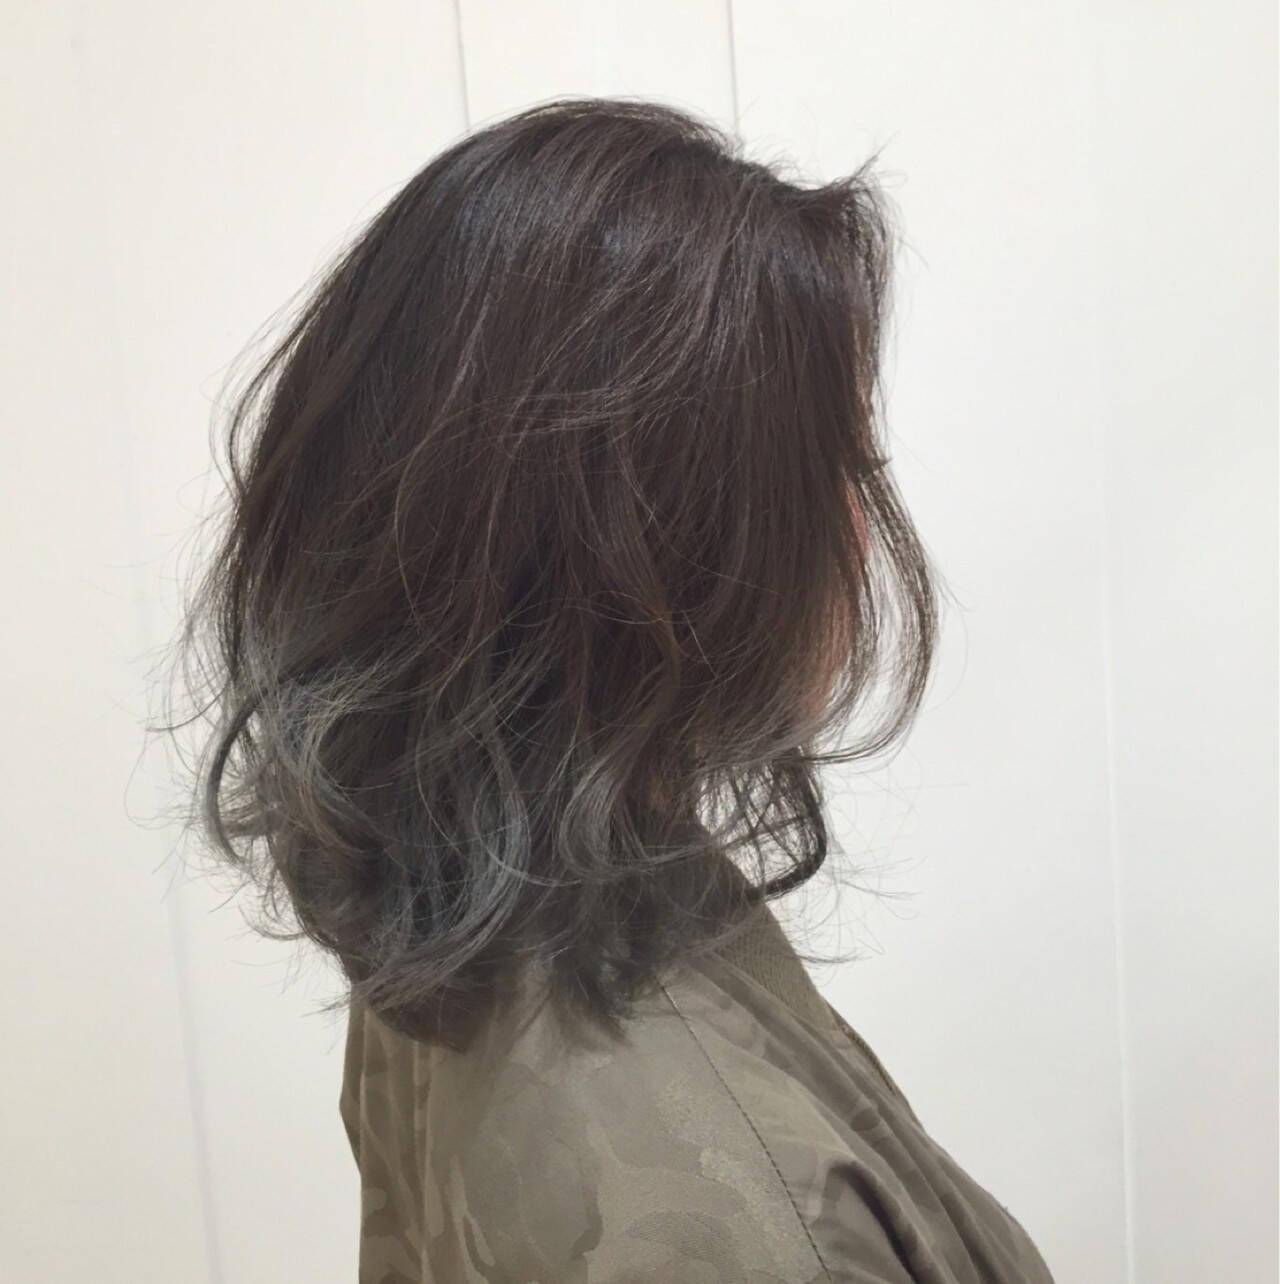 モード グレージュ アッシュグラデーション グラデーションカラーヘアスタイルや髪型の写真・画像